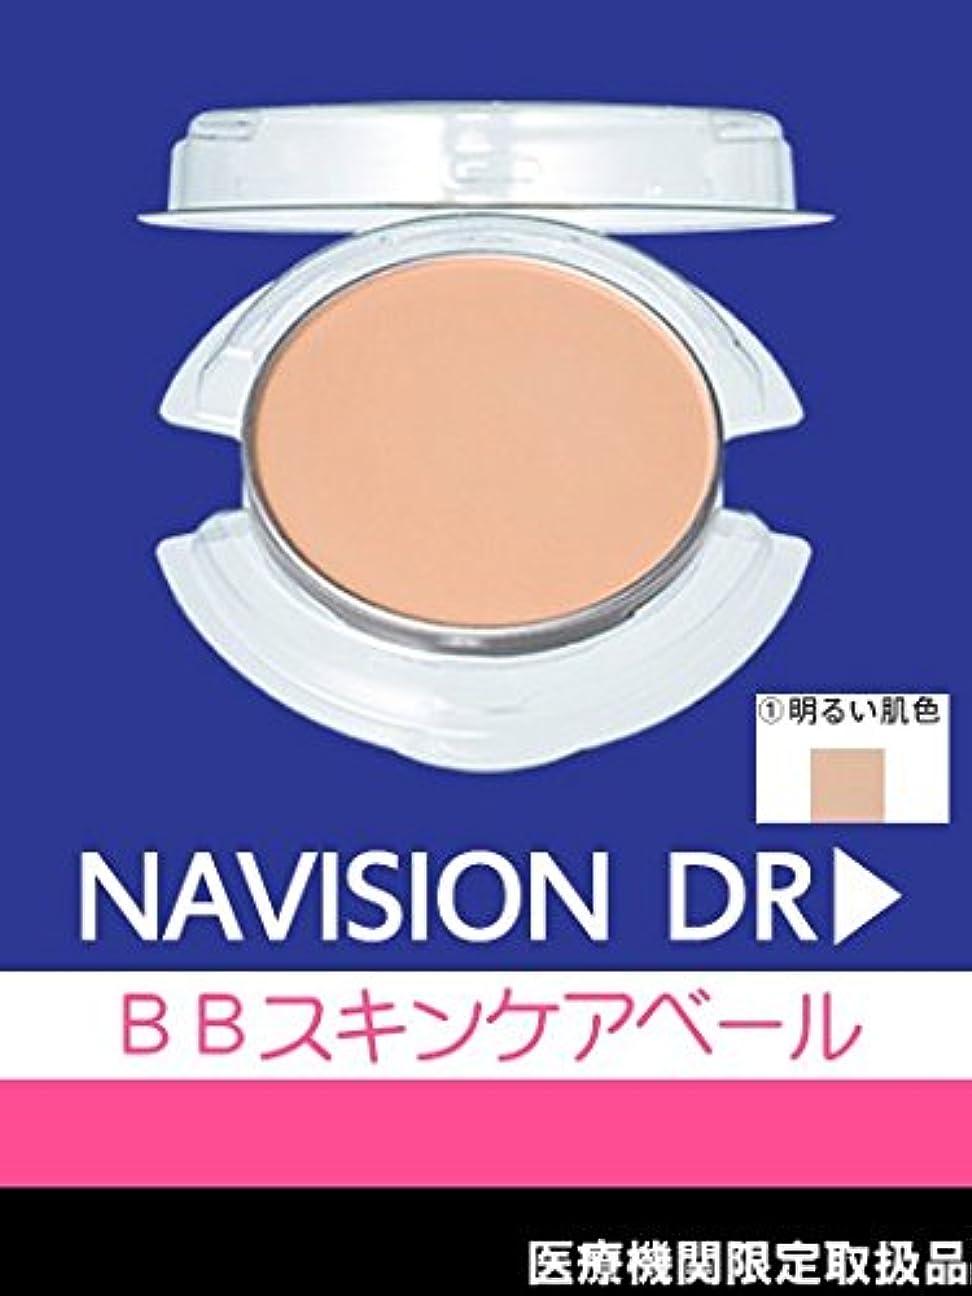 区画乳縮約NAVISION DR? ナビジョンDR BBスキンケアベール ①明るい肌色(レフィルのみ)9.5g【医療機関限定取扱品】